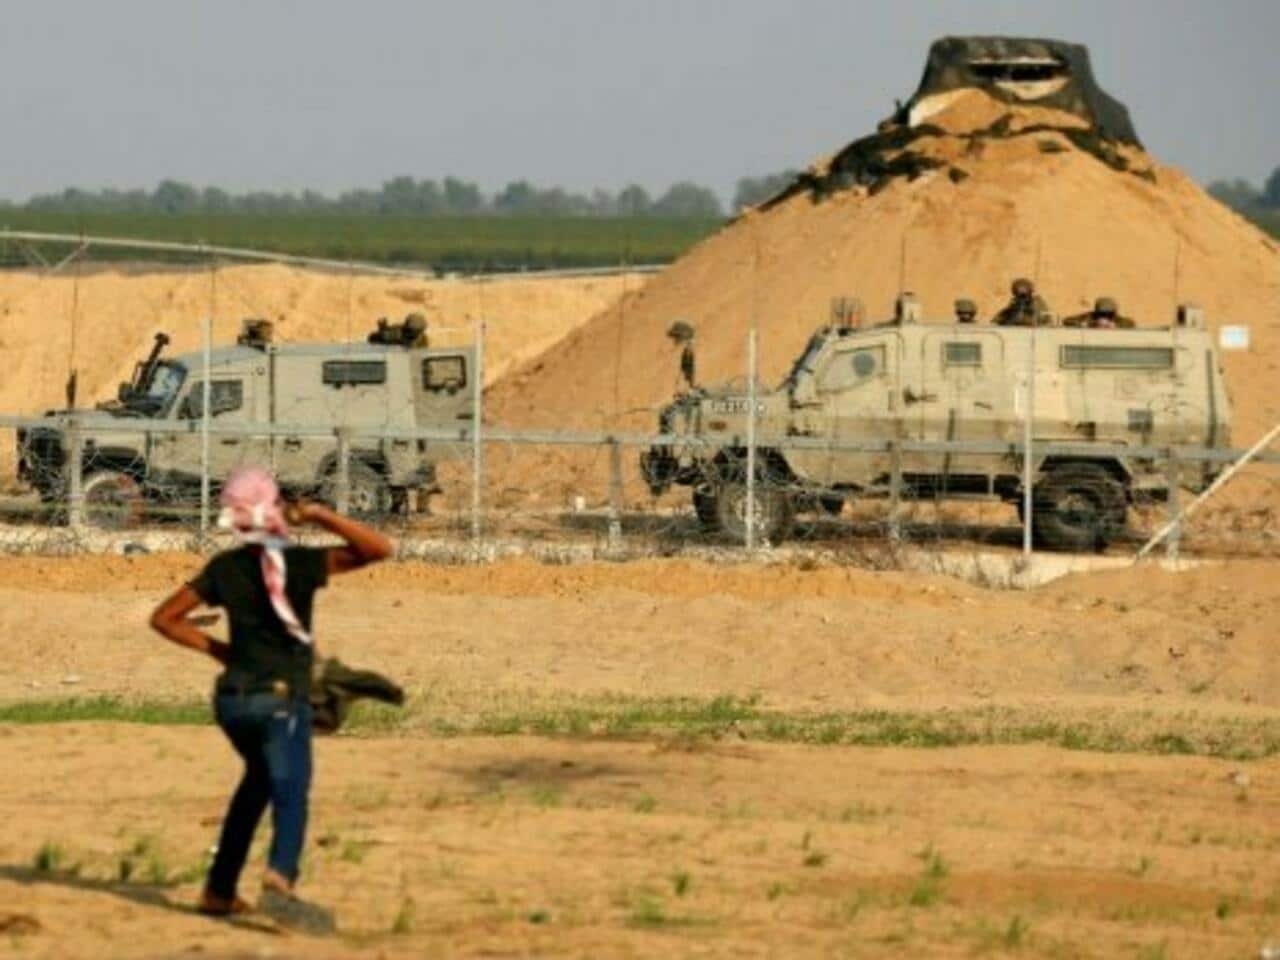 استراتيجية إسرائيلية جديدة للتعامل مع قطاع غزة.. فهل تقبل بها حماس؟